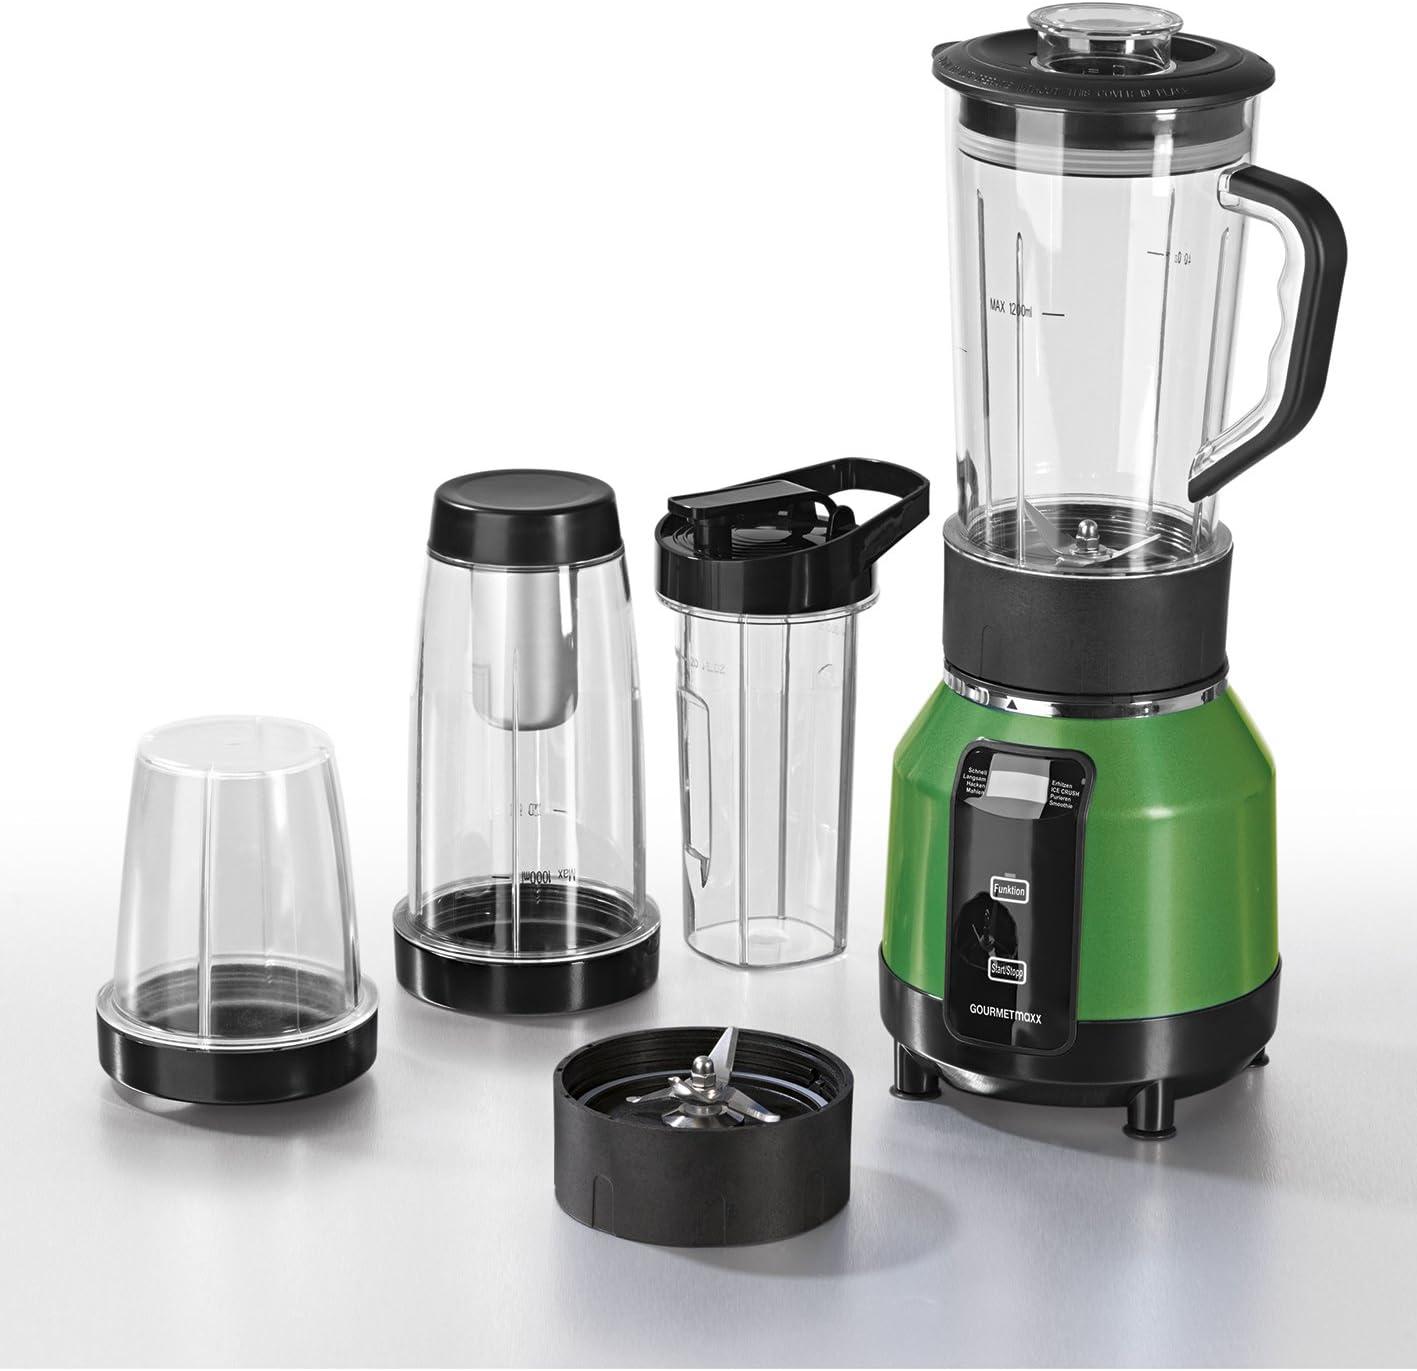 Gourmet Maxx Nutrition Licuadora con función de calefacción y refrigeración de 12 piezas 1200 W con recetas (HSN – Robot de cocina para cortar, trocear, puré, moler, Mezclar, Mezclar calentar y almacenar)